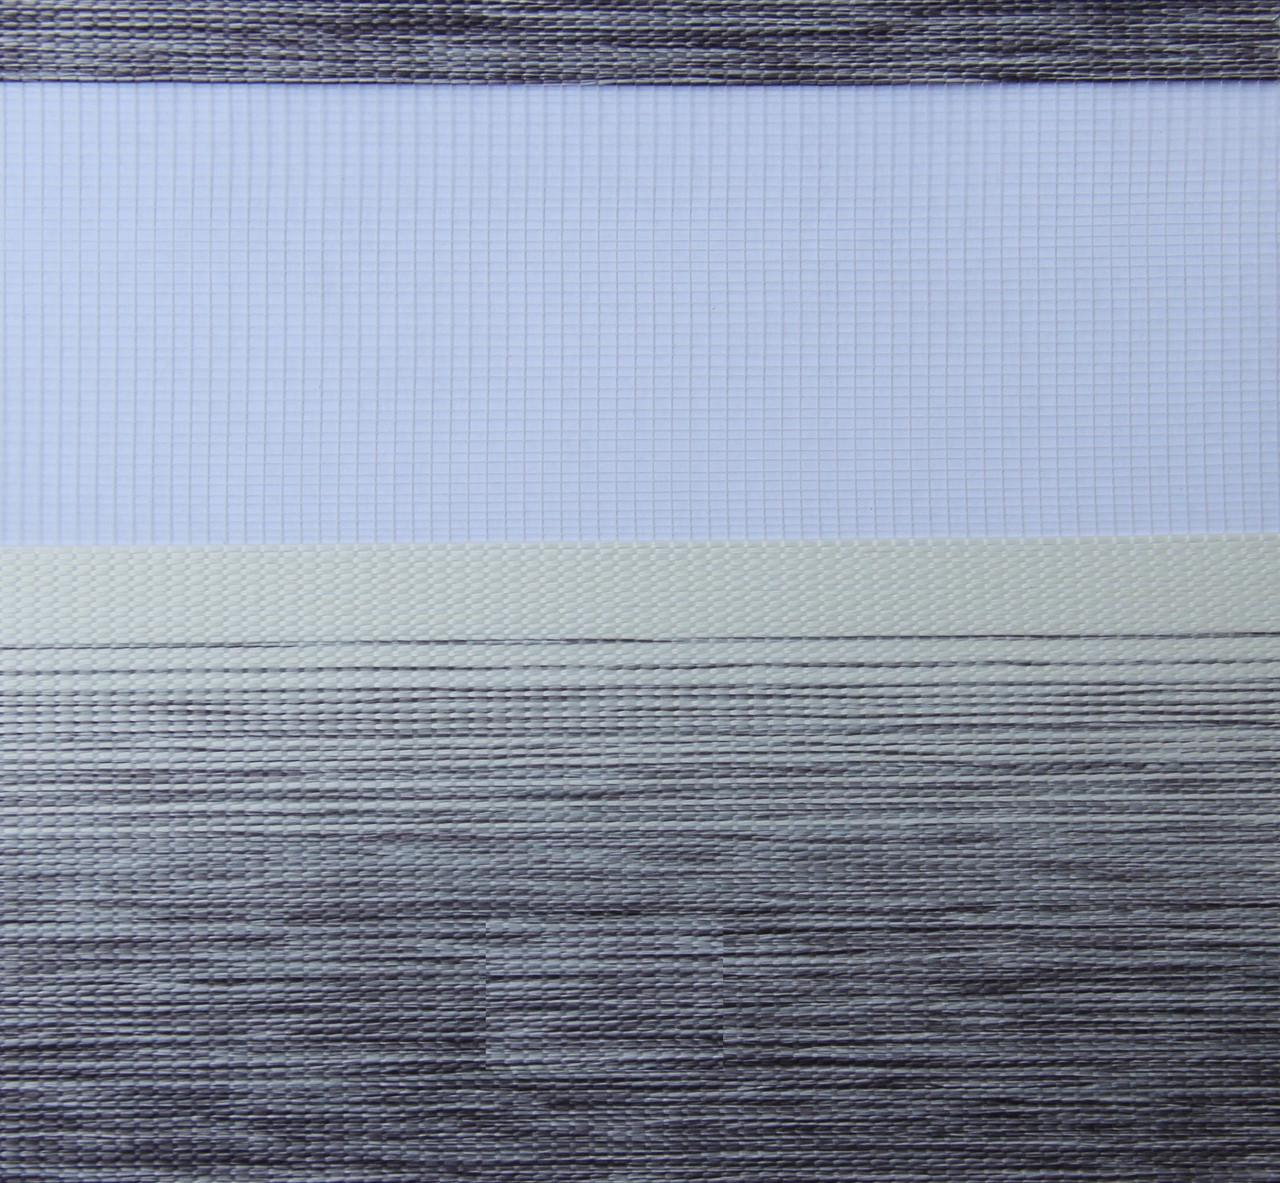 Готовые рулонные шторы Ткань ВМ-3105 Серый 1225*1300